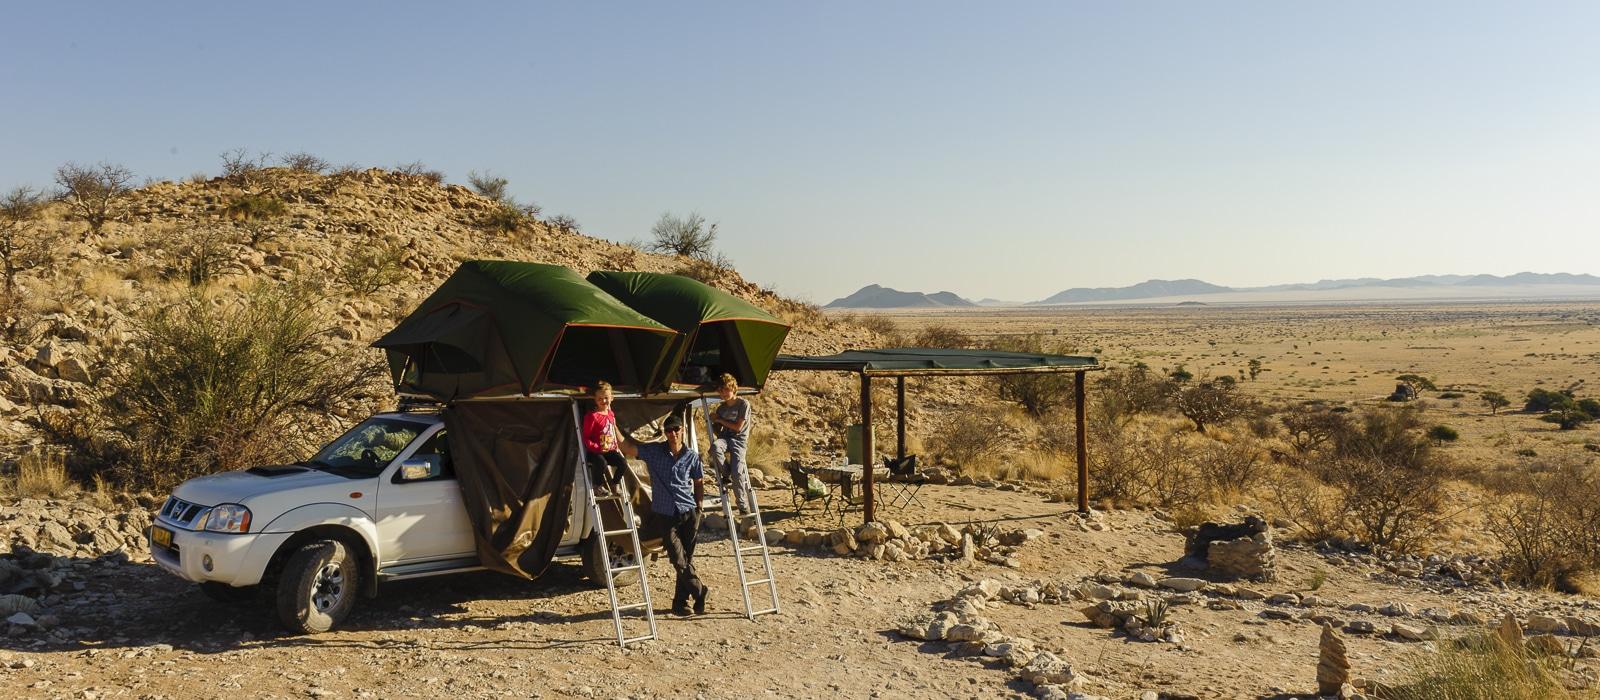 Voyage sur mesure - Solitaire - Namibie - Agence de voyage Les Routes du Monde